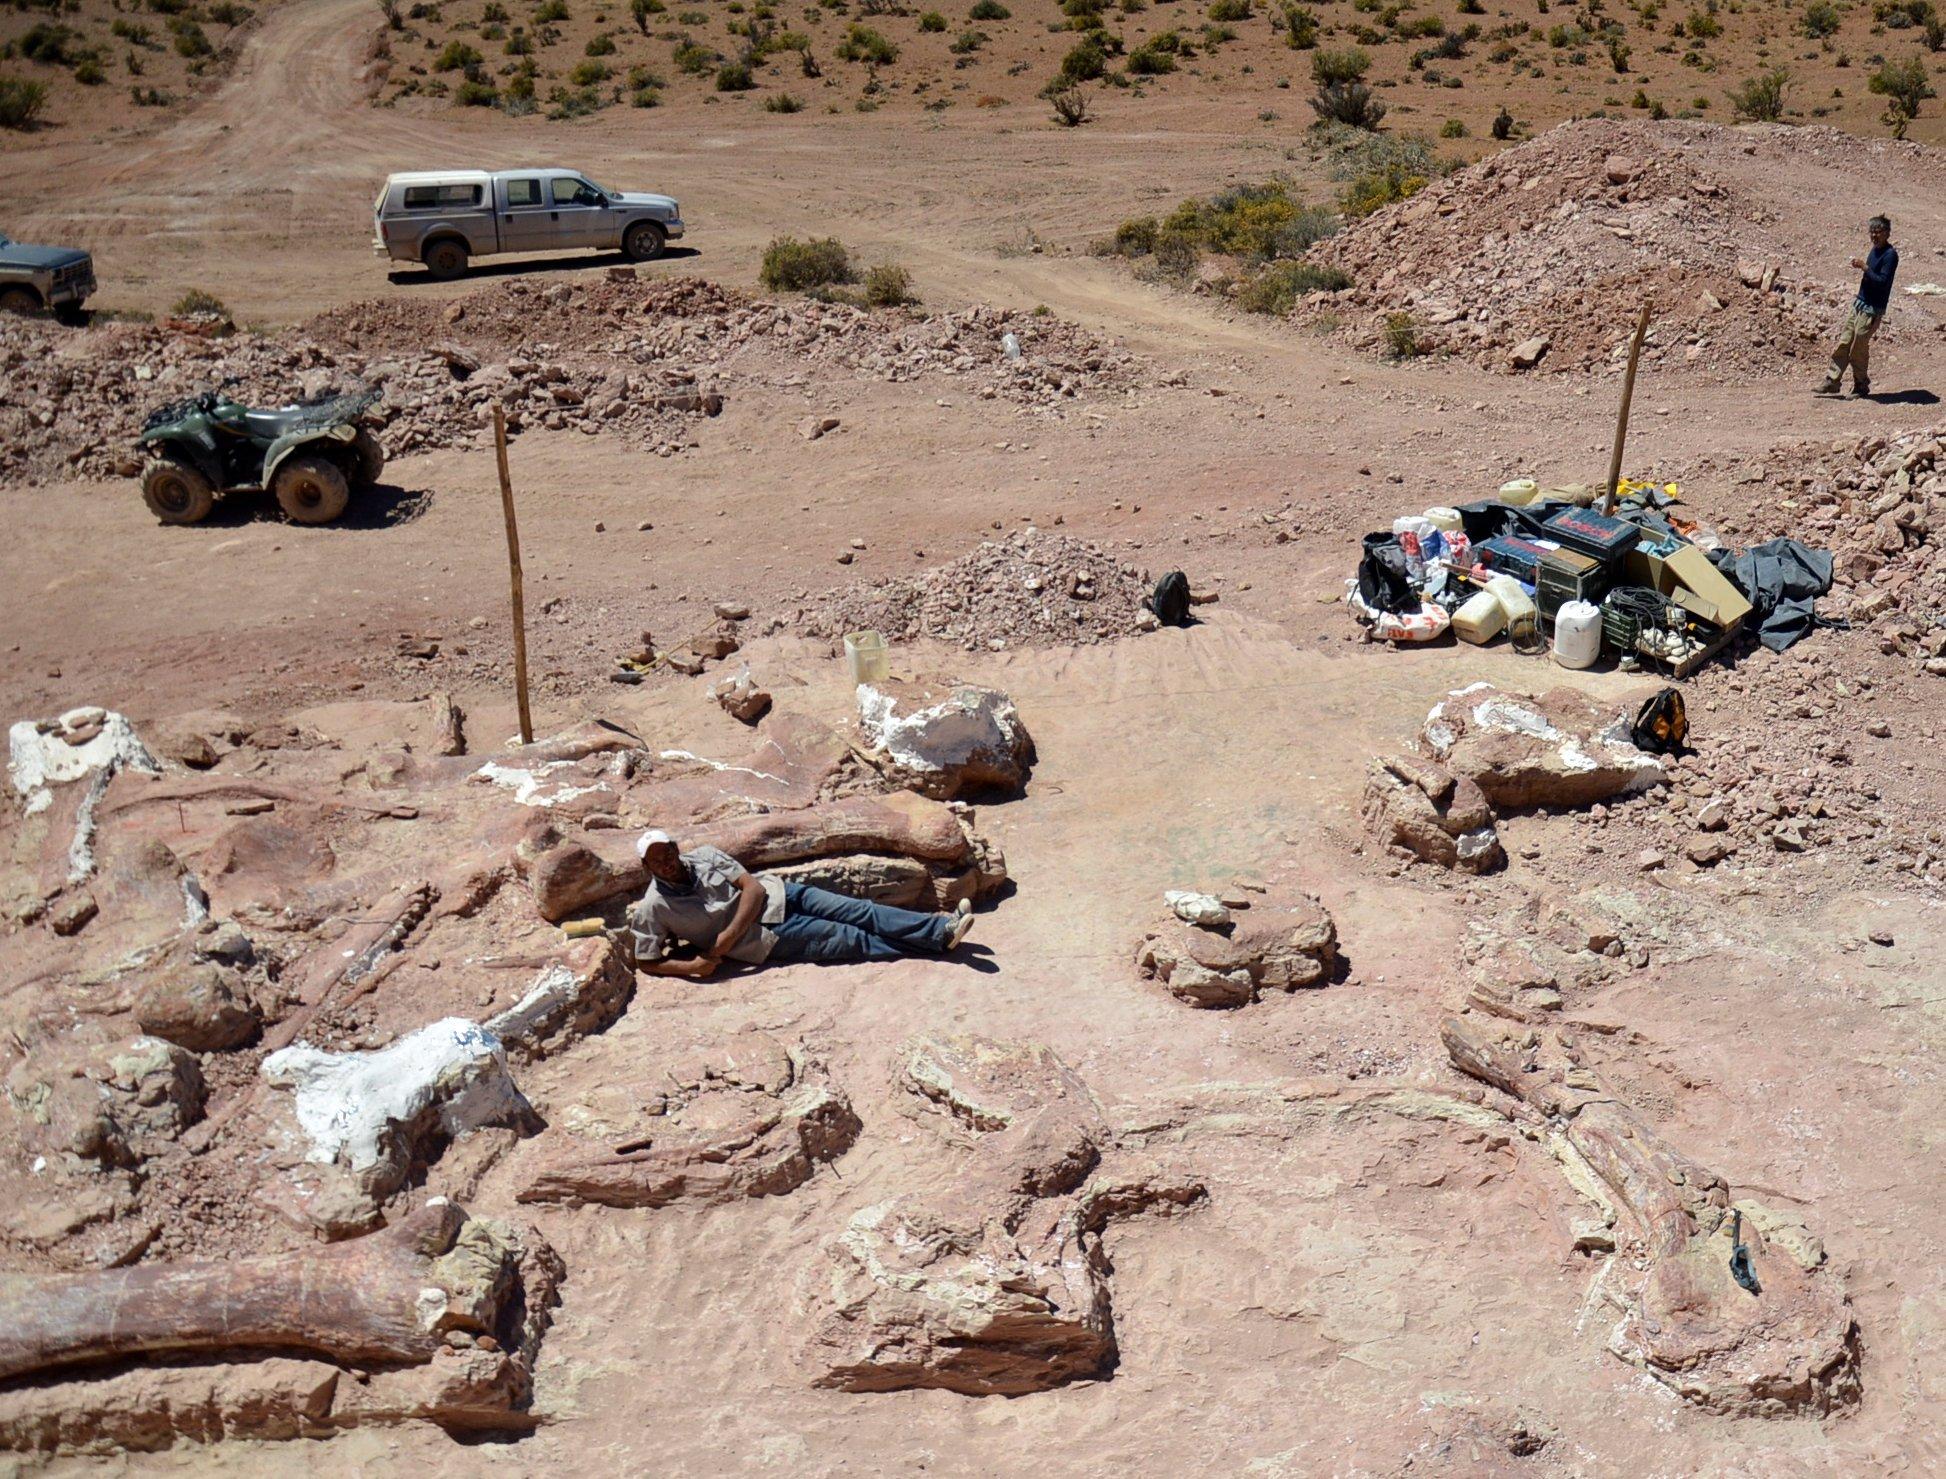 Deutlich zu sehen sind die verschiedenen Knochenfunde in der Ausgrabungsstelle südwestlich von Trelew (Argentinien) in der Provinz Chubut.